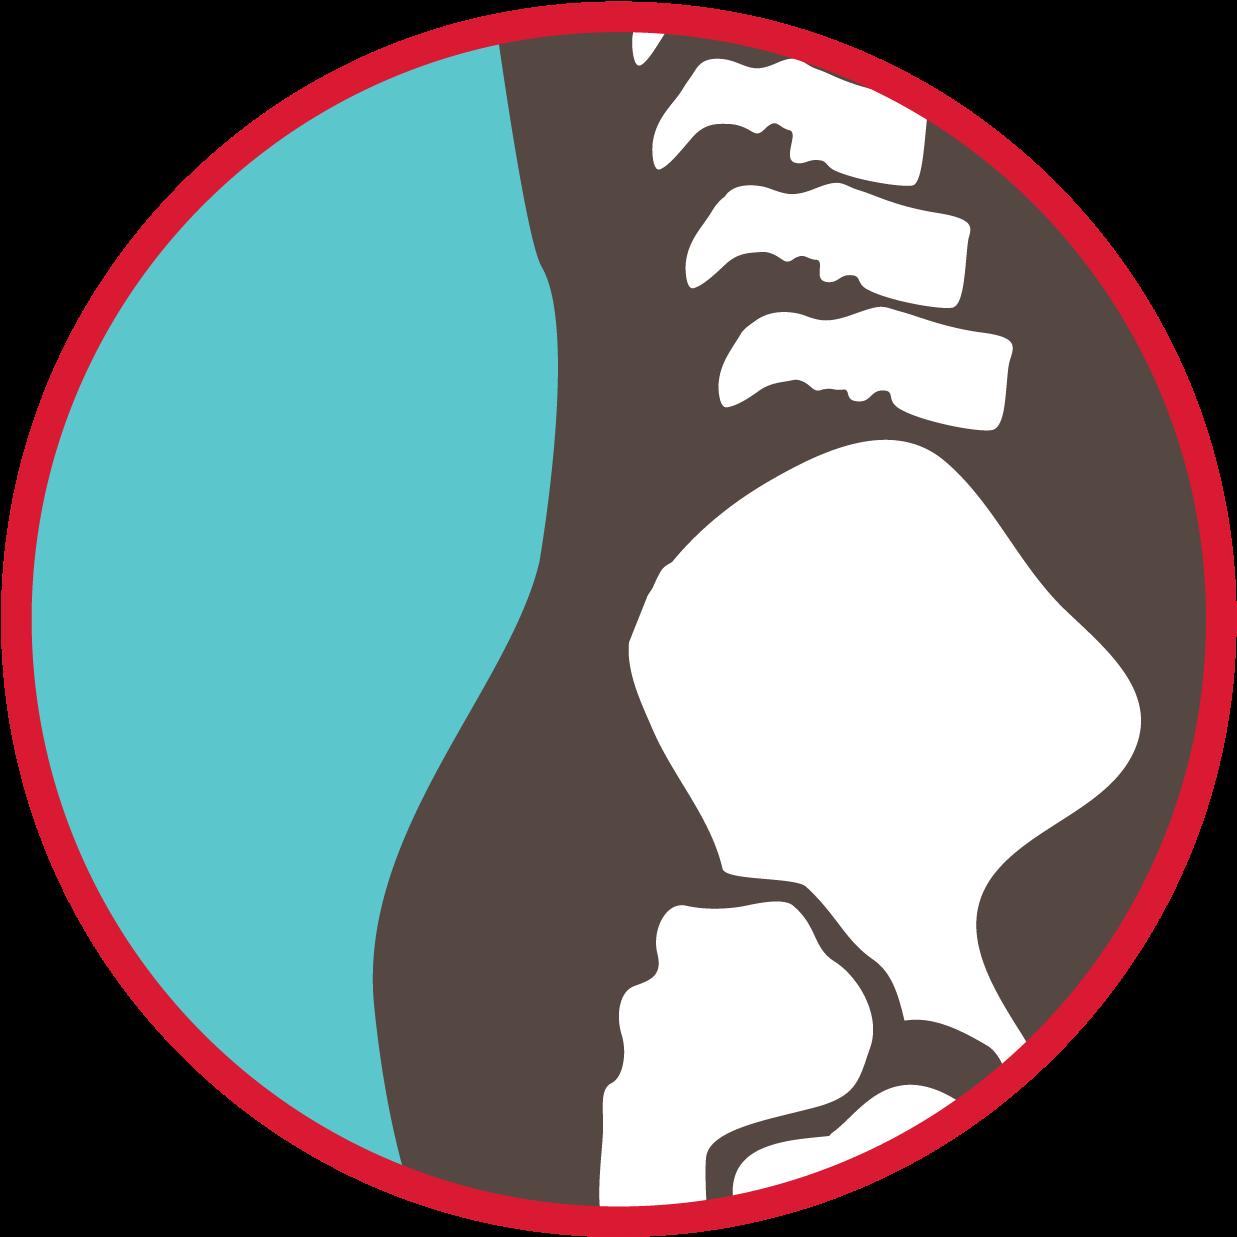 Free Bone Cliparts Borders, Download Free Clip Art, Free Clip Art on Clipart  Library